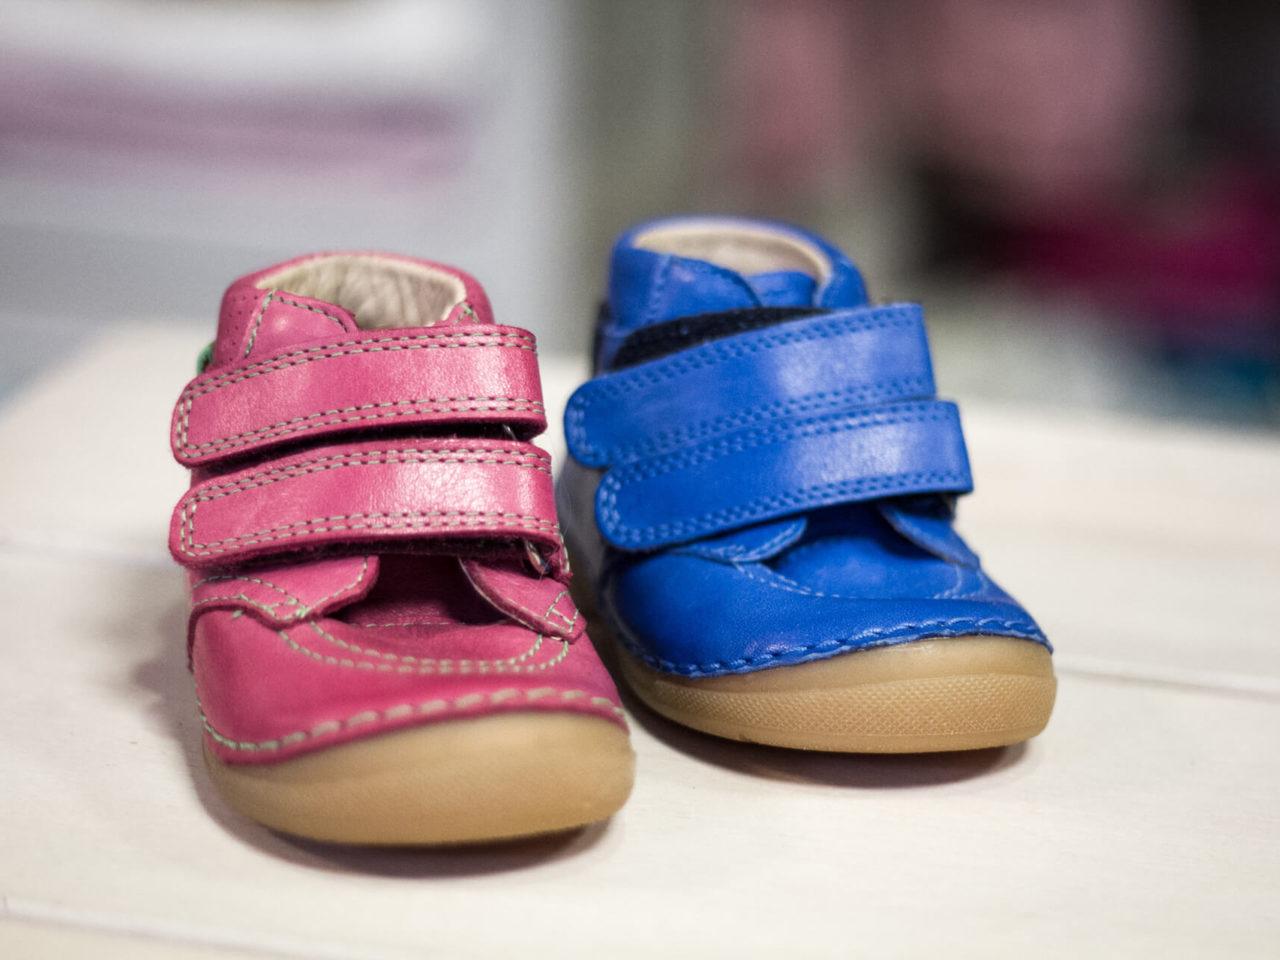 Zwei Klettverschlussschuhe für Jungen und Mädchen bei Elli & Mai Kinderkleidung